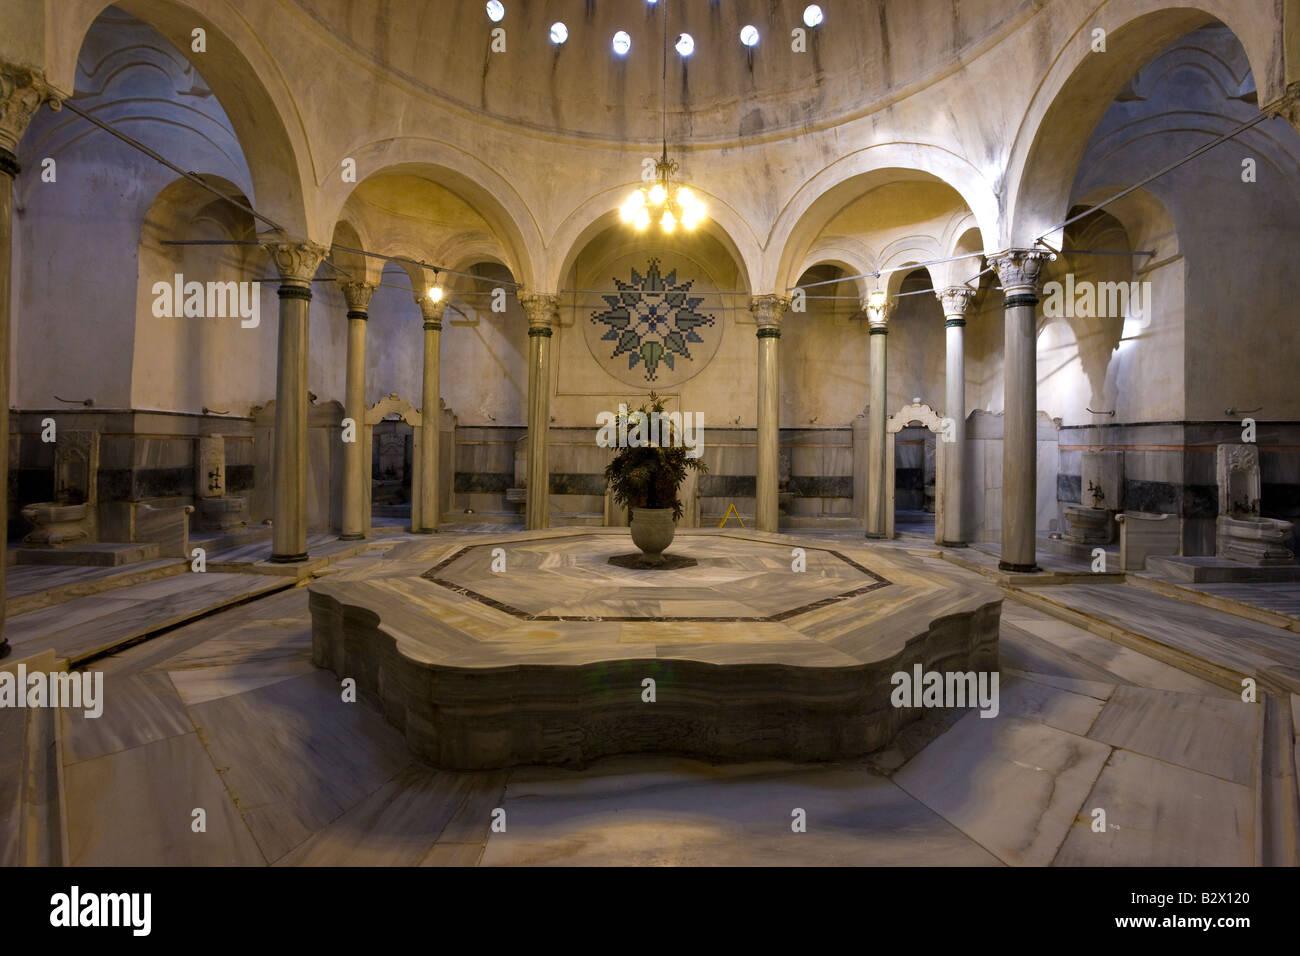 Cagaloglu hamam im genes de stock cagaloglu hamam fotos for Hoteis zona centro com piscina interior